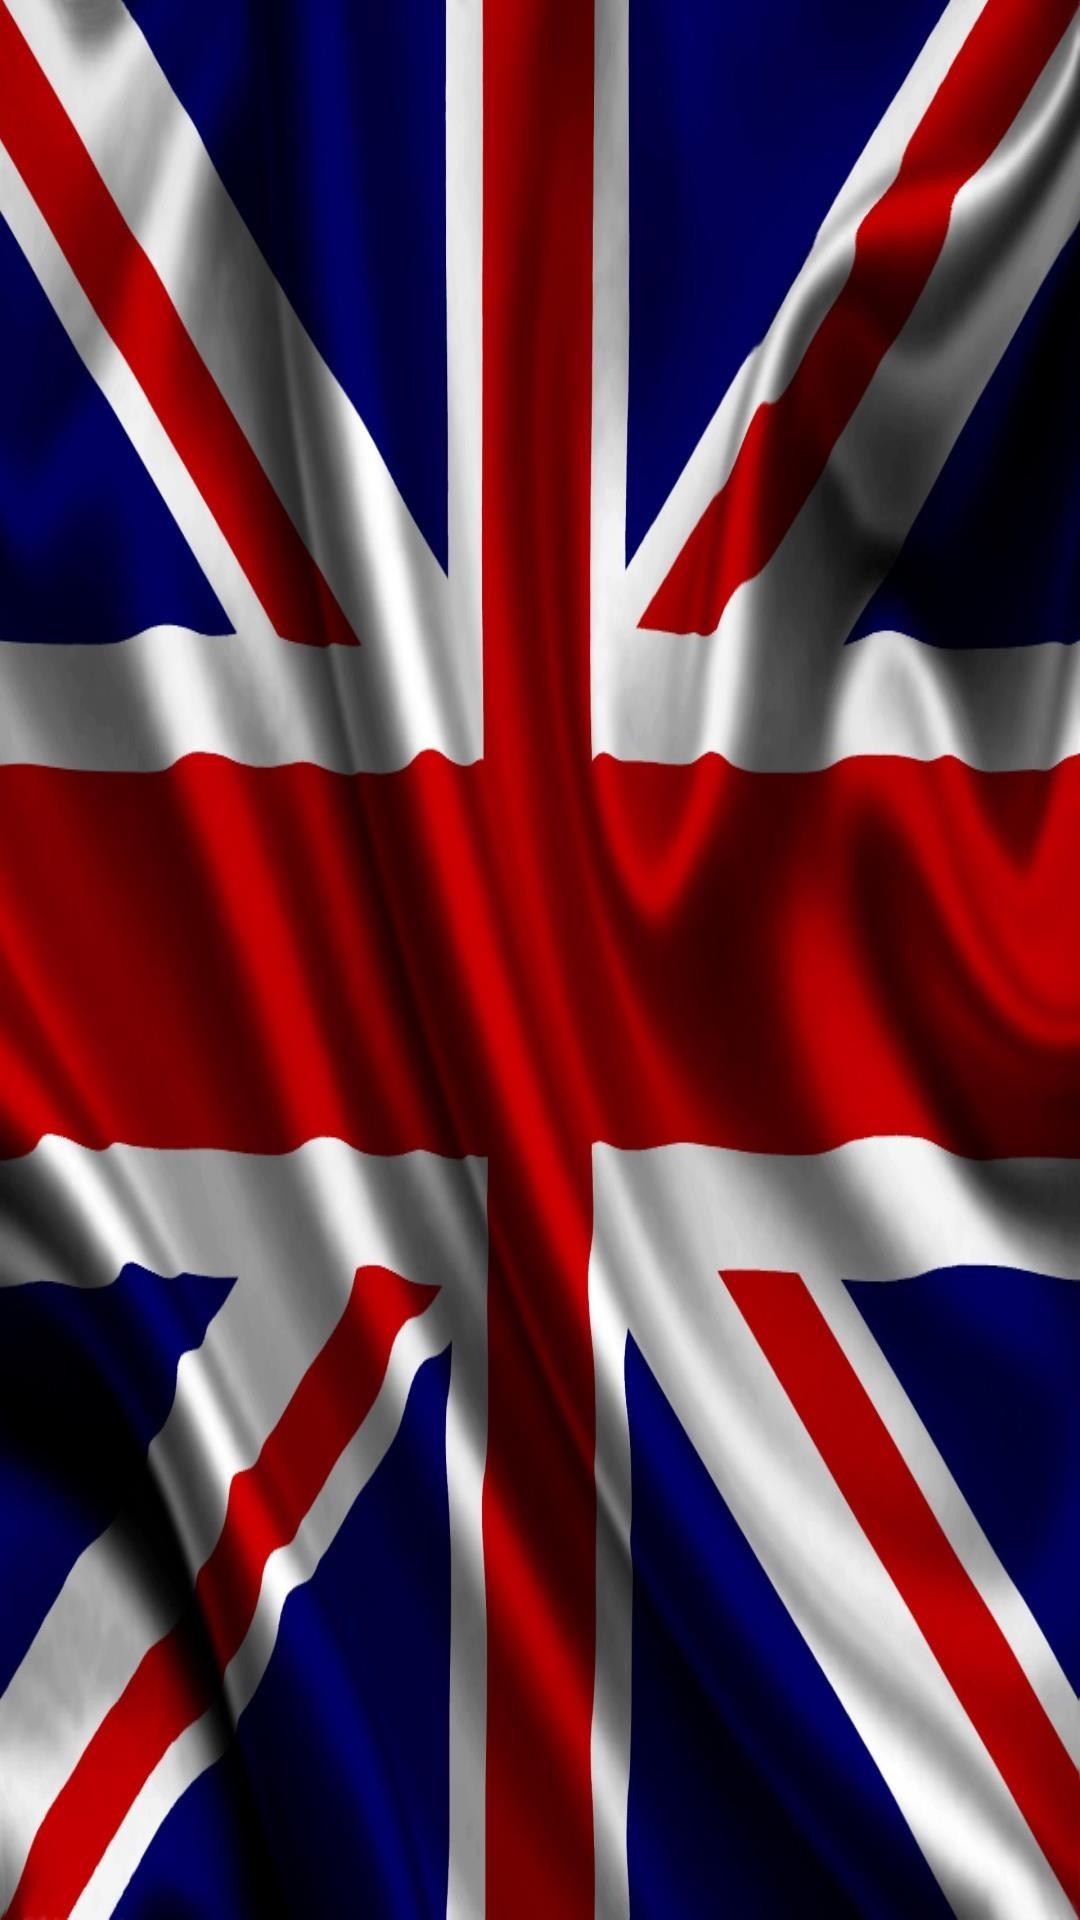 British flag background 51 images - Uk flag images free ...